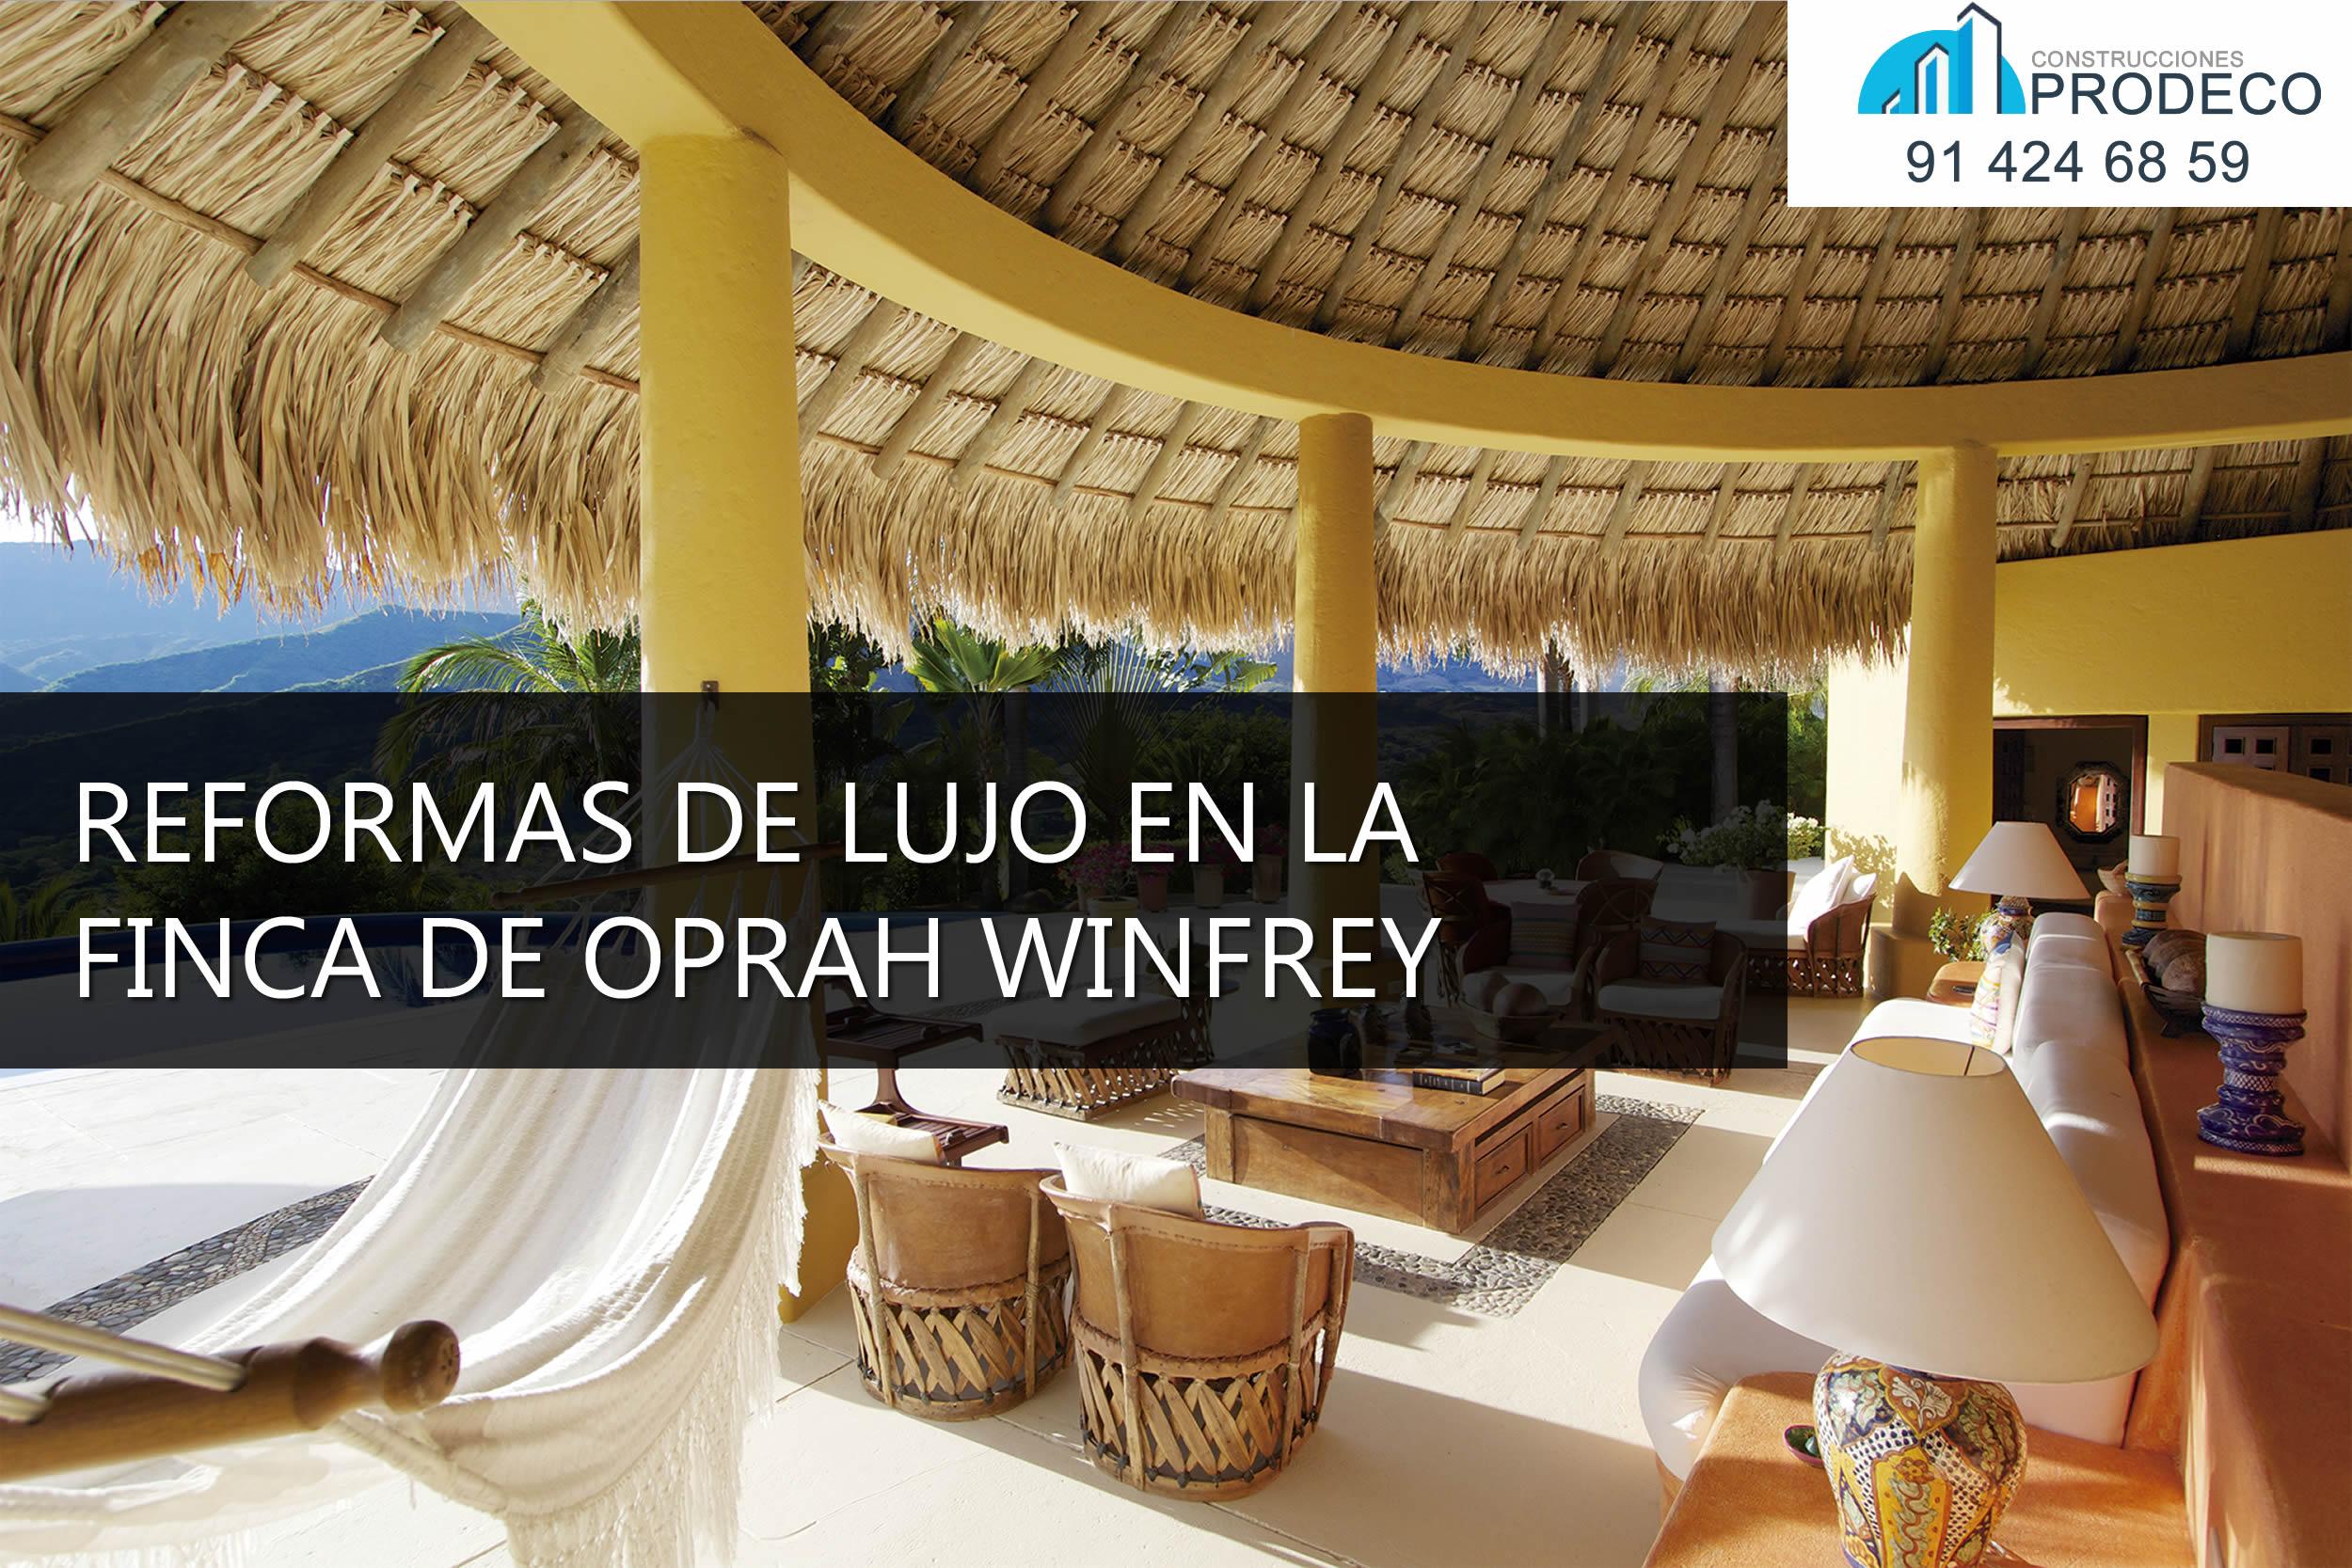 Reformas de Lujo en la Nueva Finca de Oprah Winfrey